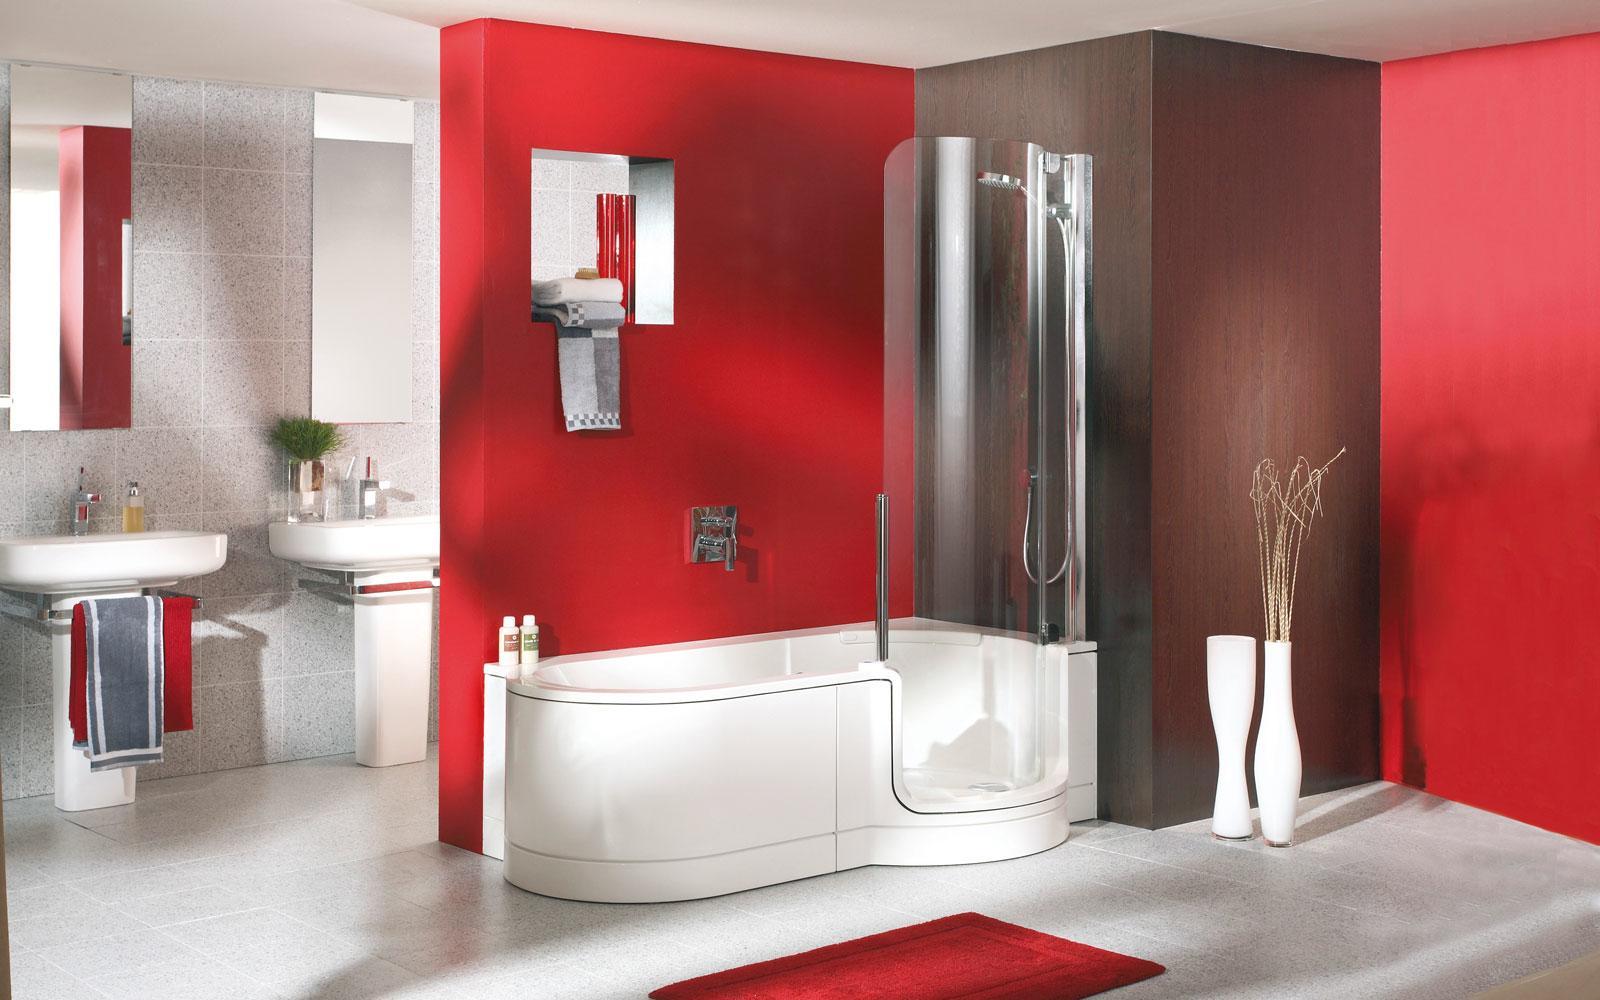 Duschbadewanne mit Tuer | bad & heizung | SHK ...